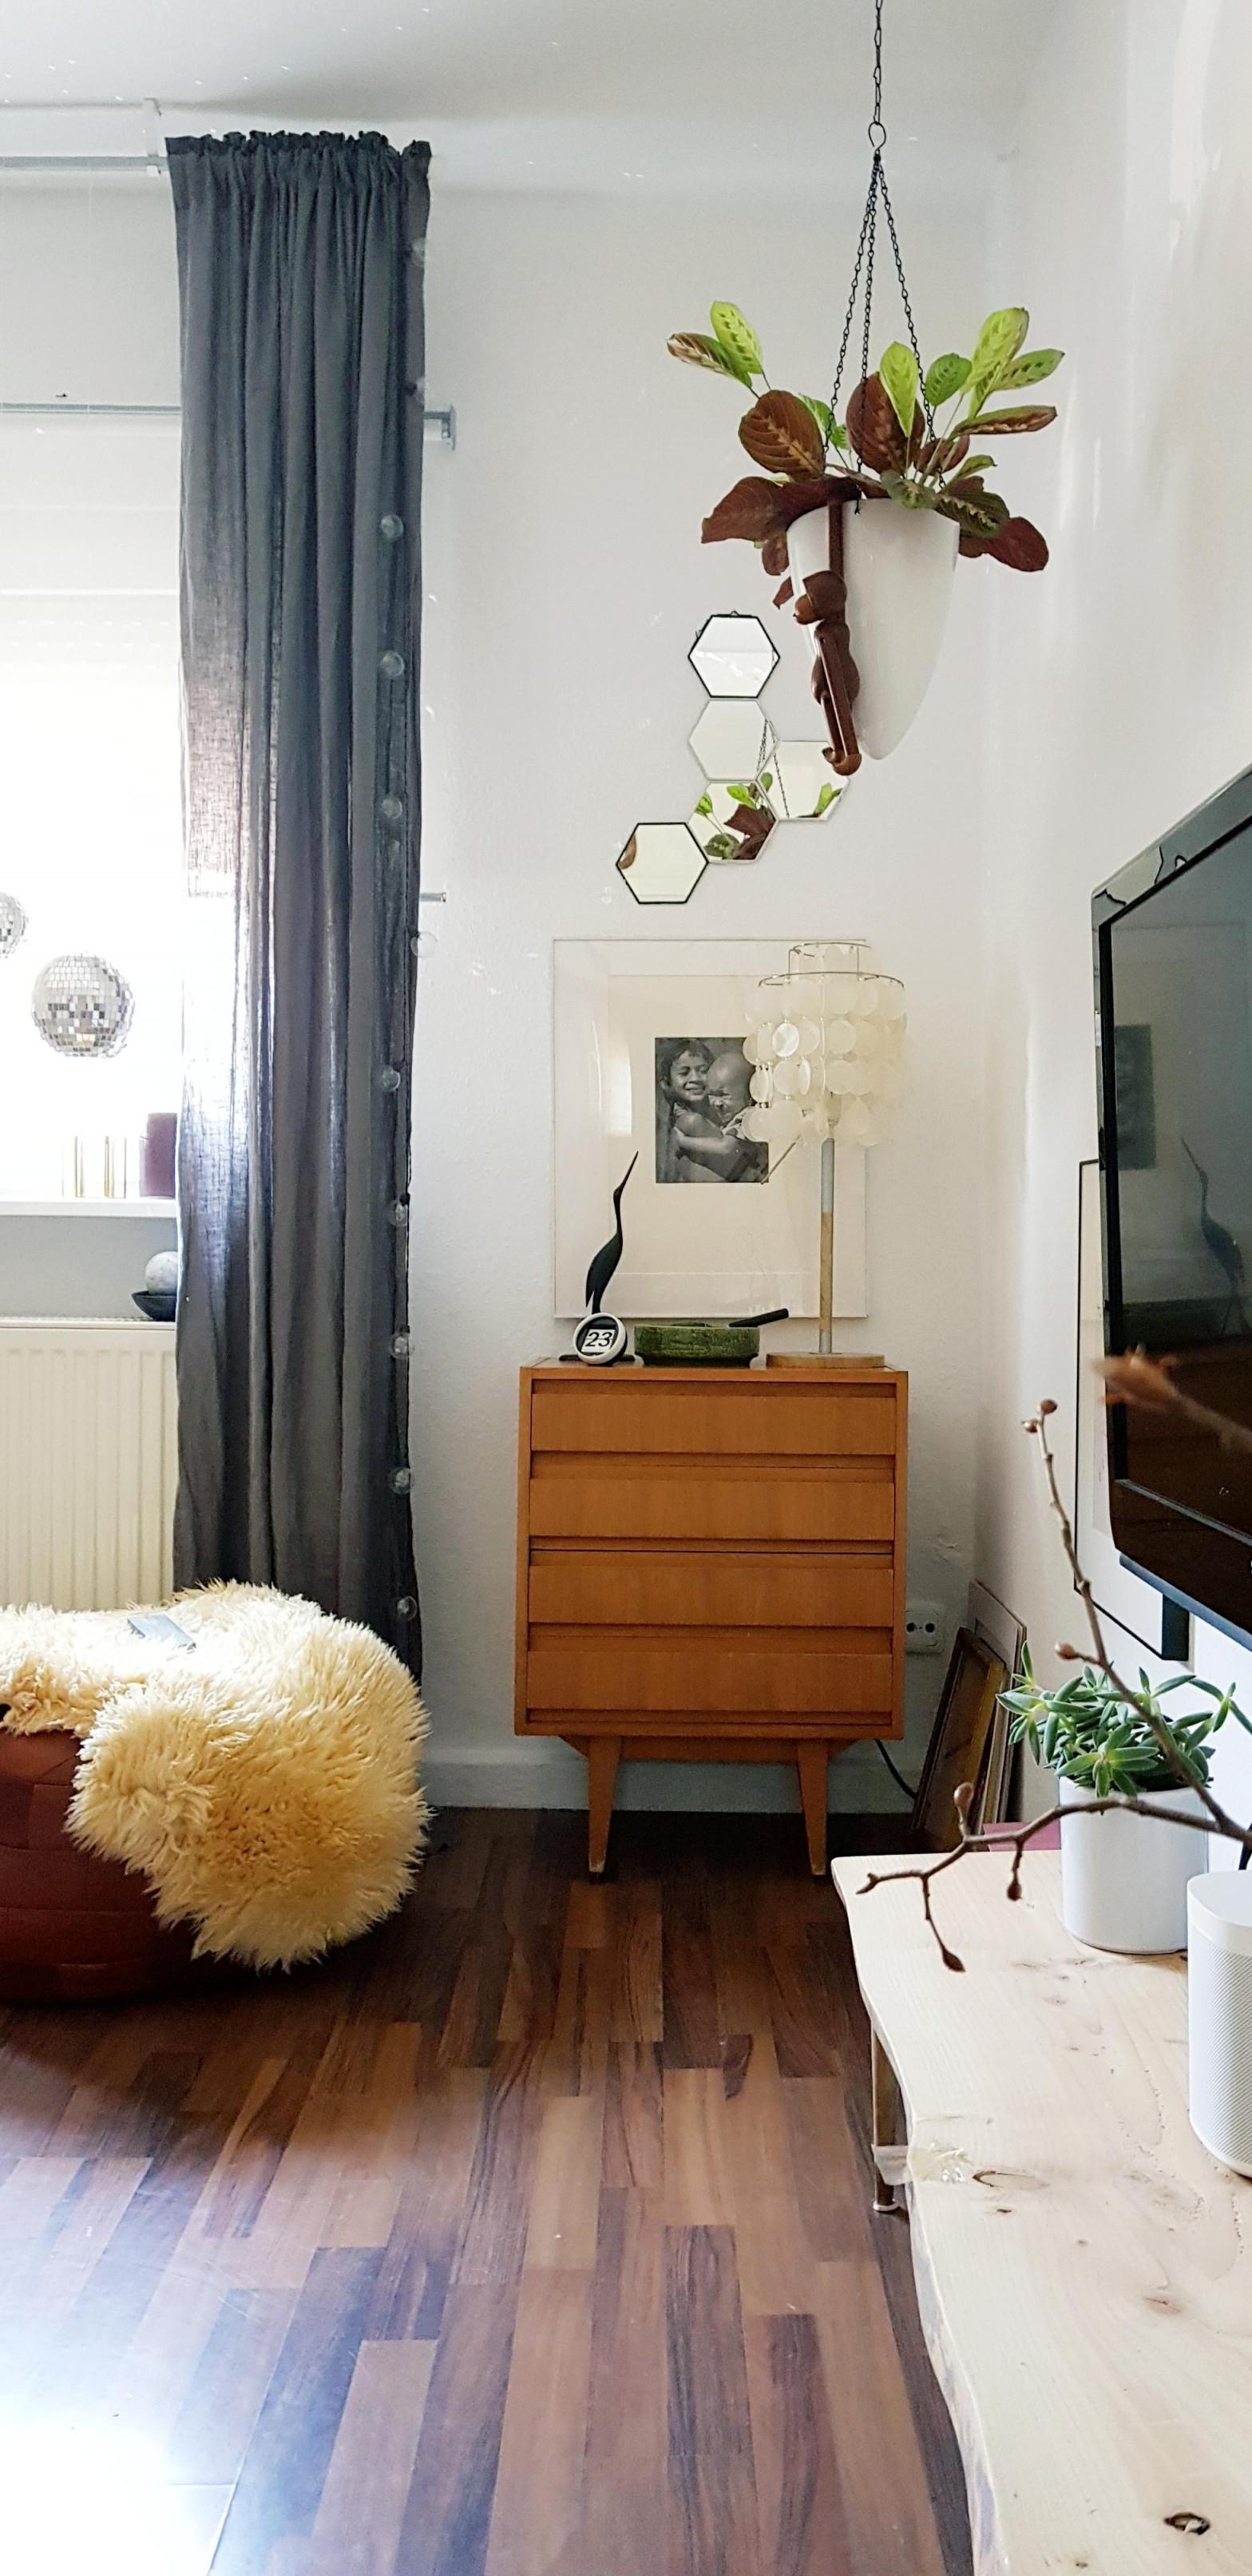 Diese Ecke Im Wohnzimmer Mag Ich Am Meisten 🙂 Midc von Deko Für Ecke Im Wohnzimmer Bild